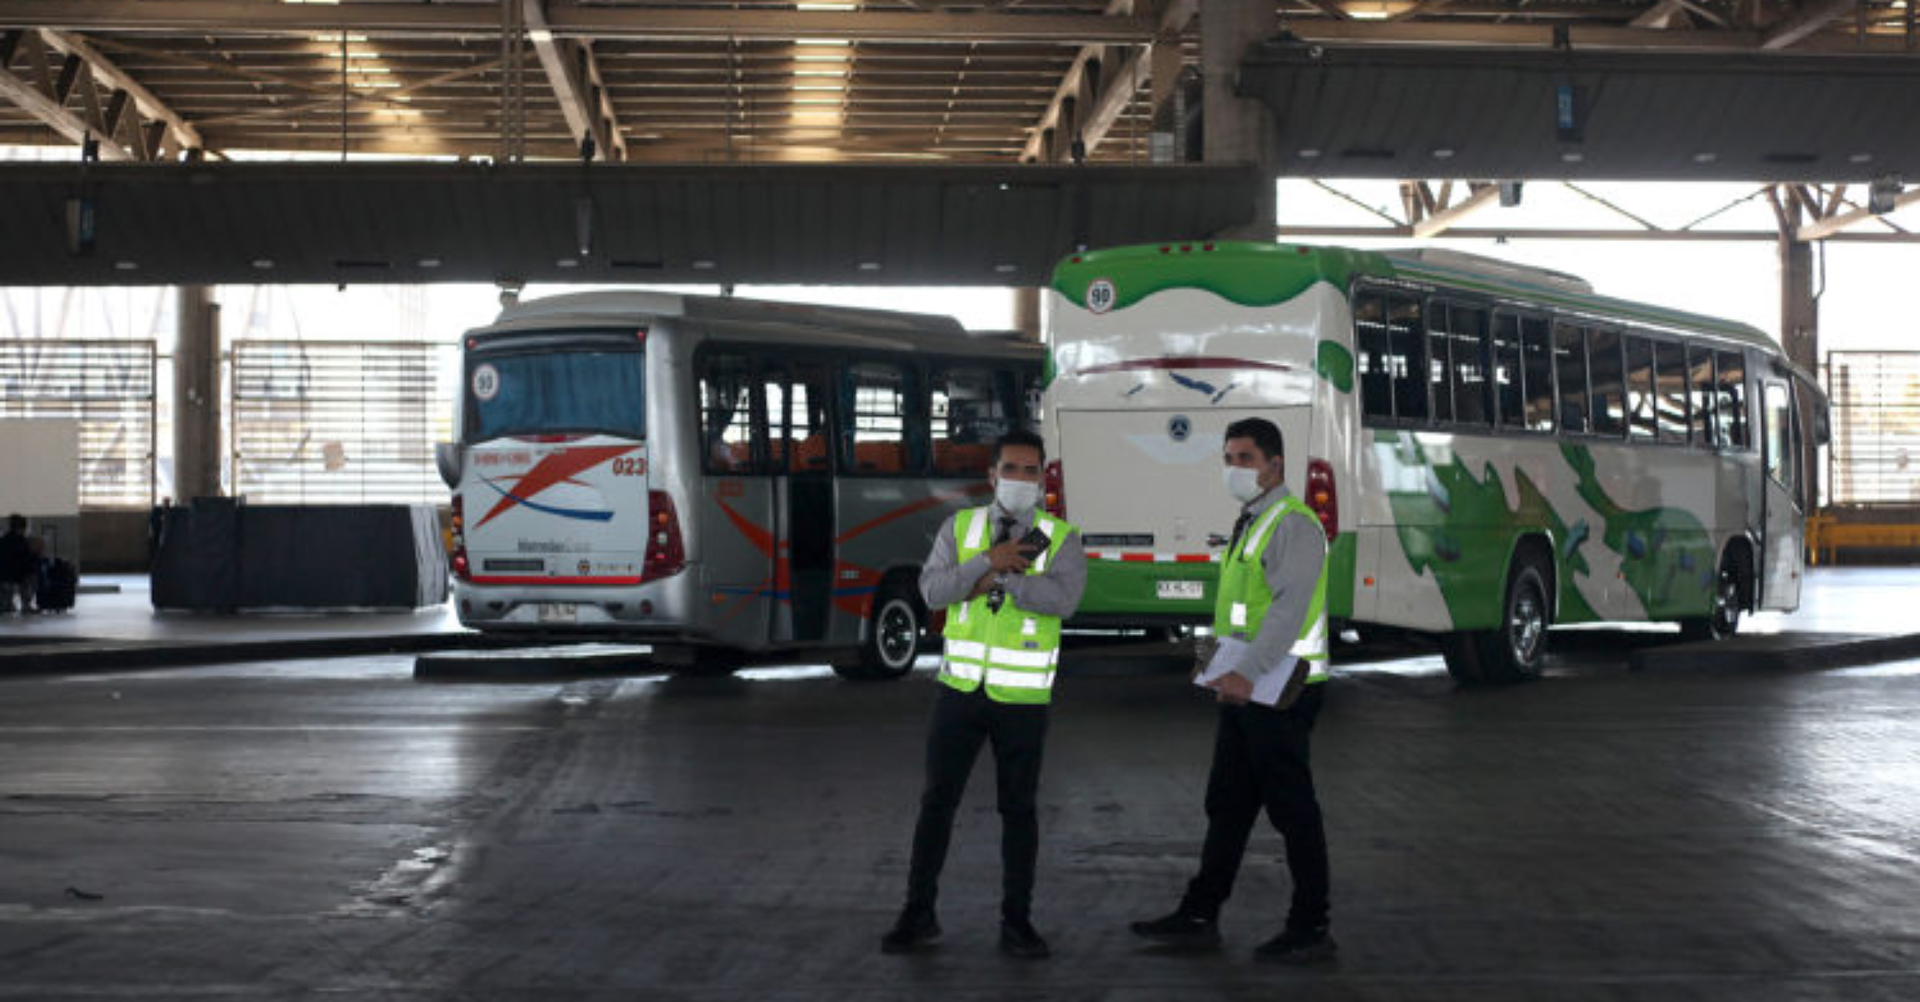 Según estudio, el transporte de pasajeros alcanzó baja de 67% en sus desplazamientos en la pandemia